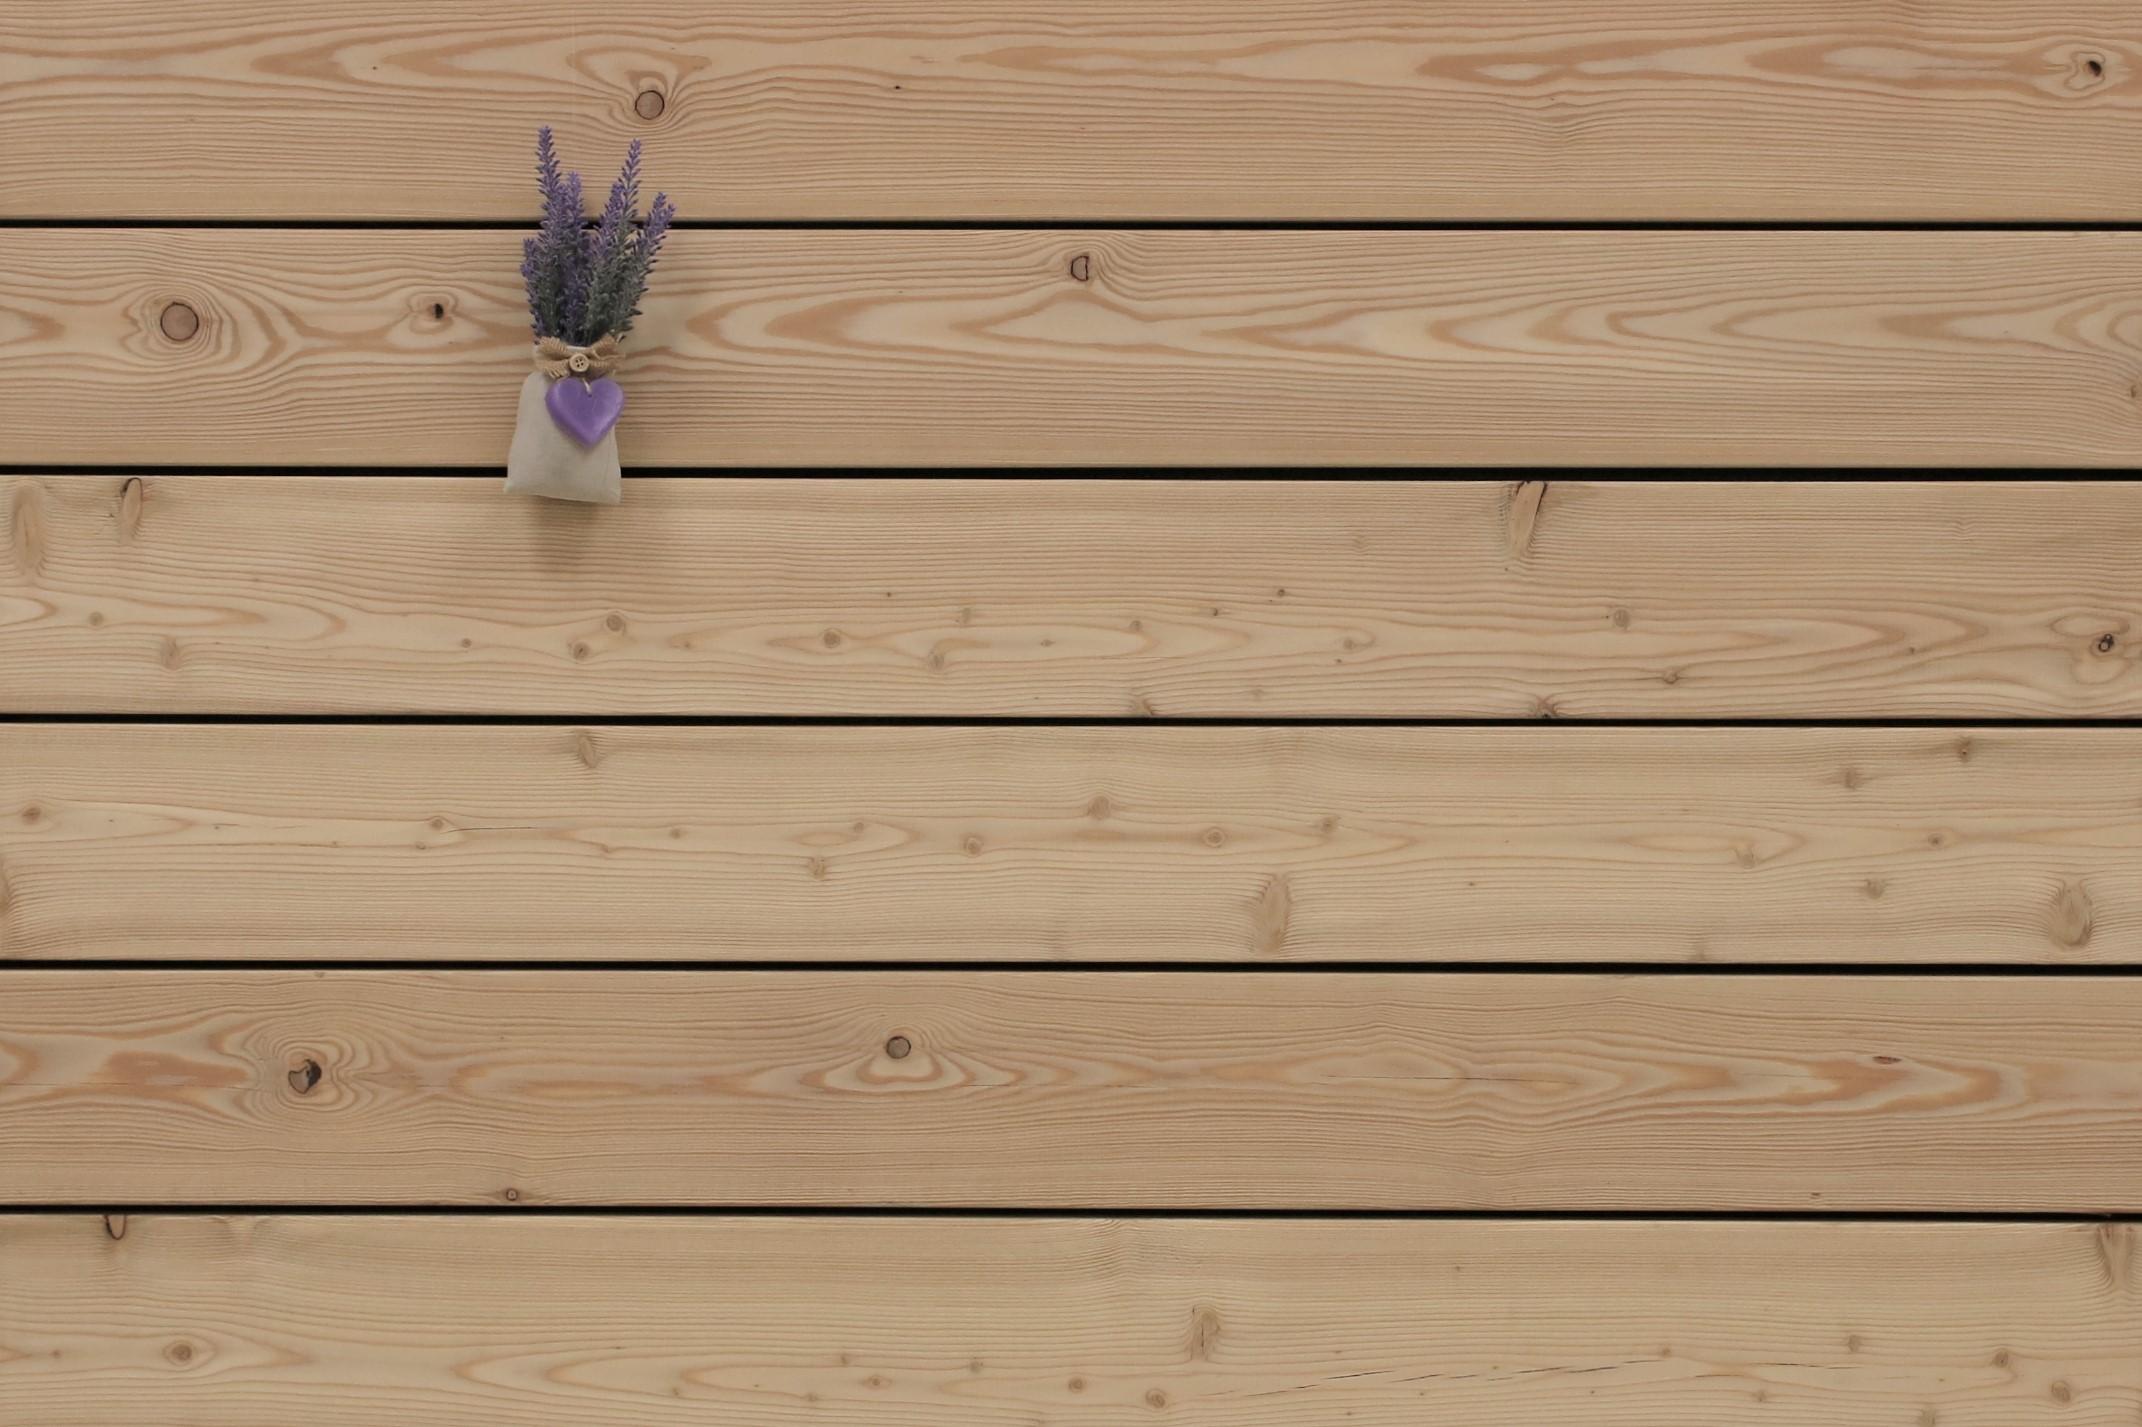 Angebot des Monats, Terrassendielen Sibirische Lärche, AB Sortierung, 26 x 143 bis 6000 mm, glatt für 6,90 €/lfm